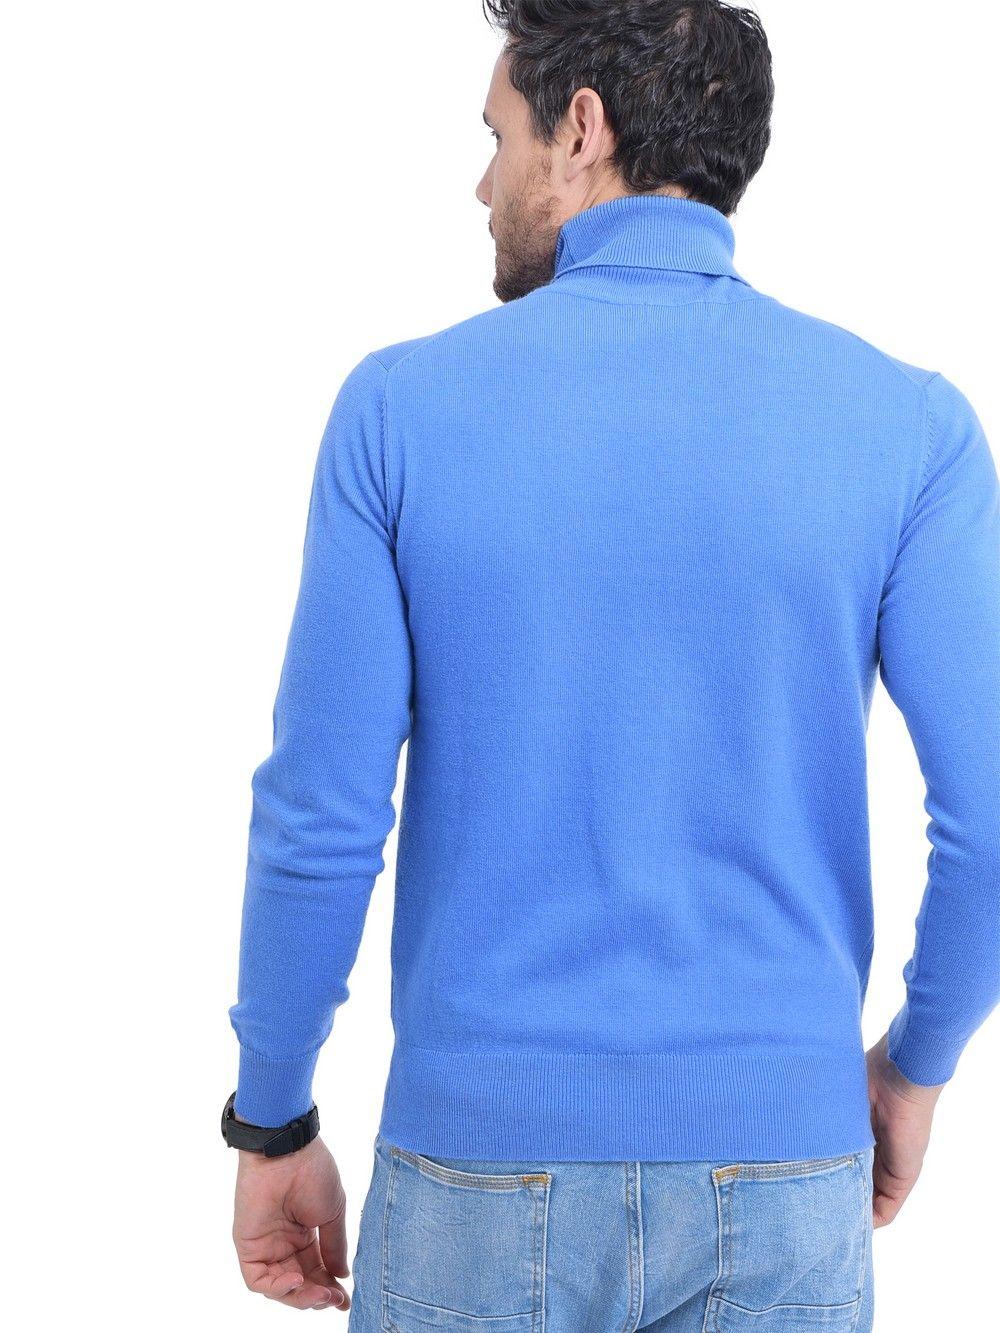 C&JO Turtleneck Sweater in Blue